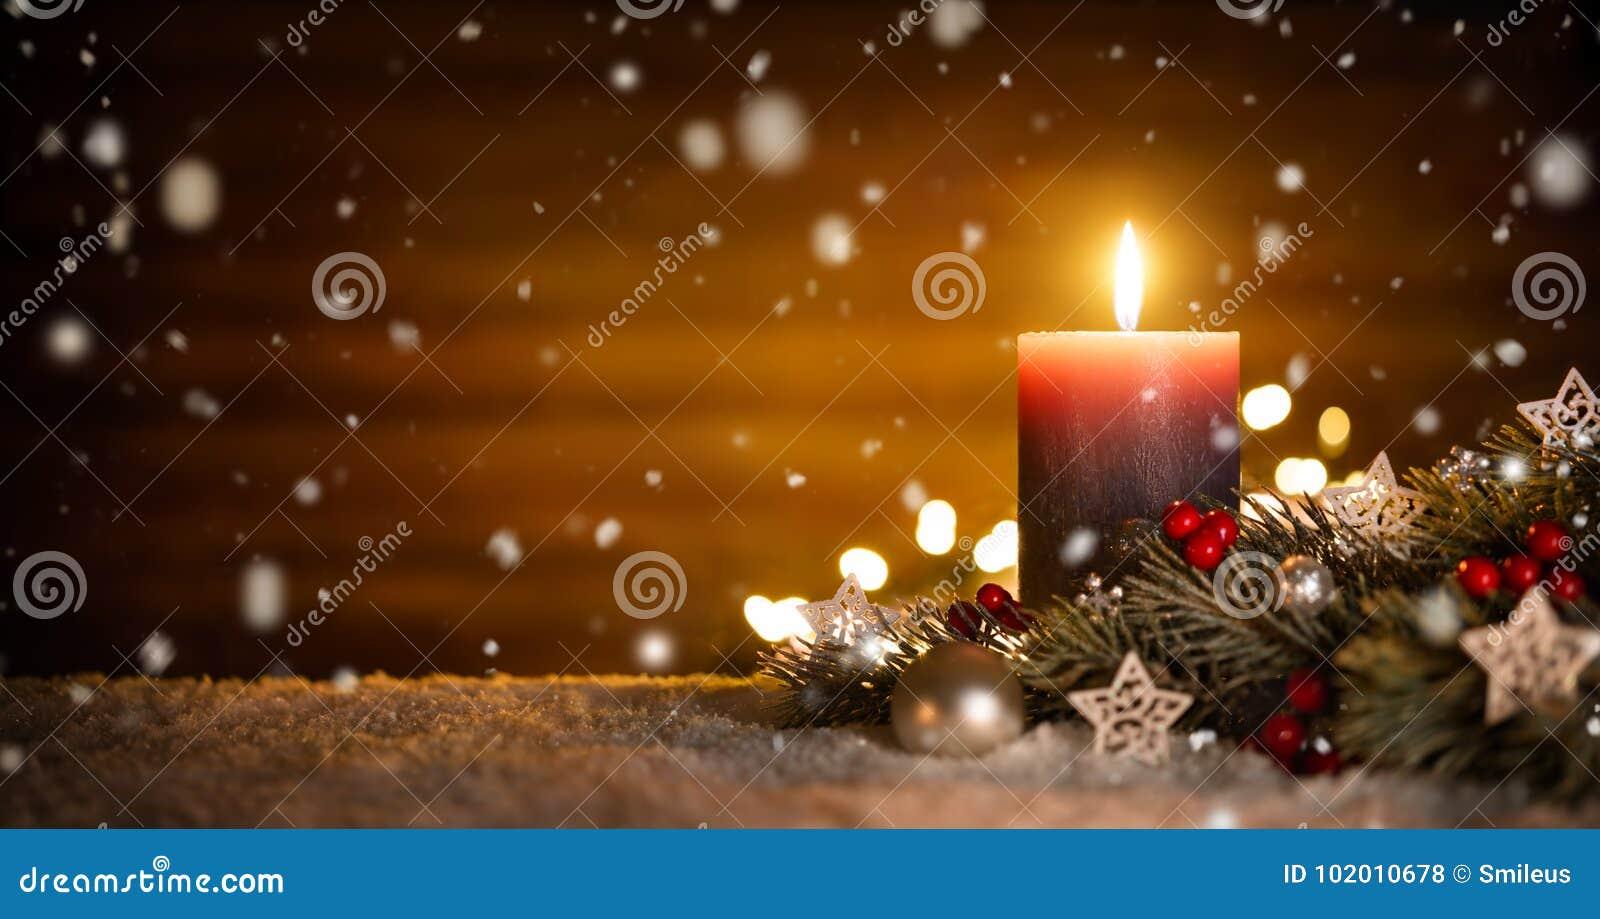 Kerzen- und Weihnachtsdekoration mit hölzernem Hintergrund und Schnee